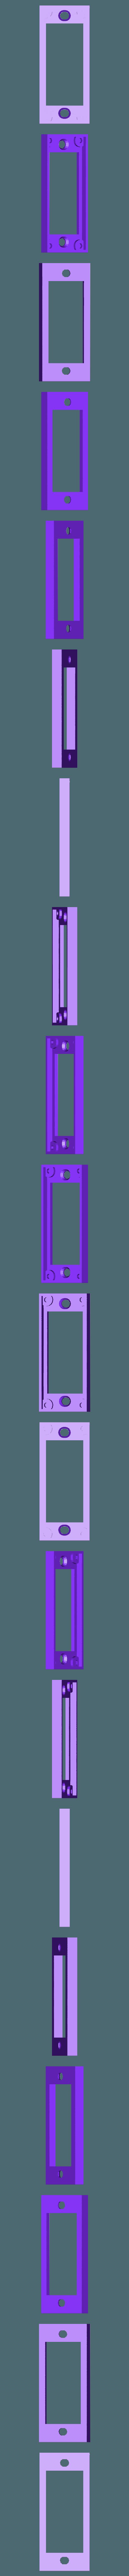 pcb-mounting_20171020-5704-1nvp7pr-0.stl Télécharger fichier STL gratuit Mon compteur de circuits imprimés personnalisé • Objet à imprimer en 3D, adriansosa1052